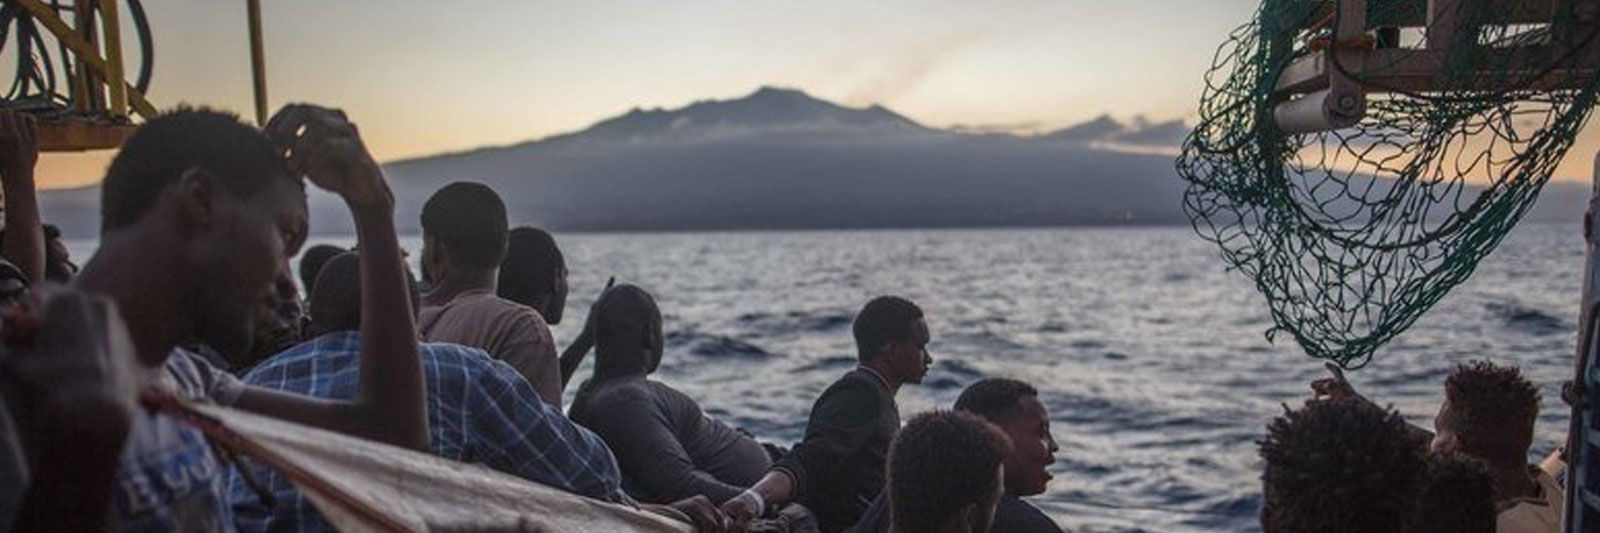 Tutte le tappe della vicenda Sea Watch foto 3